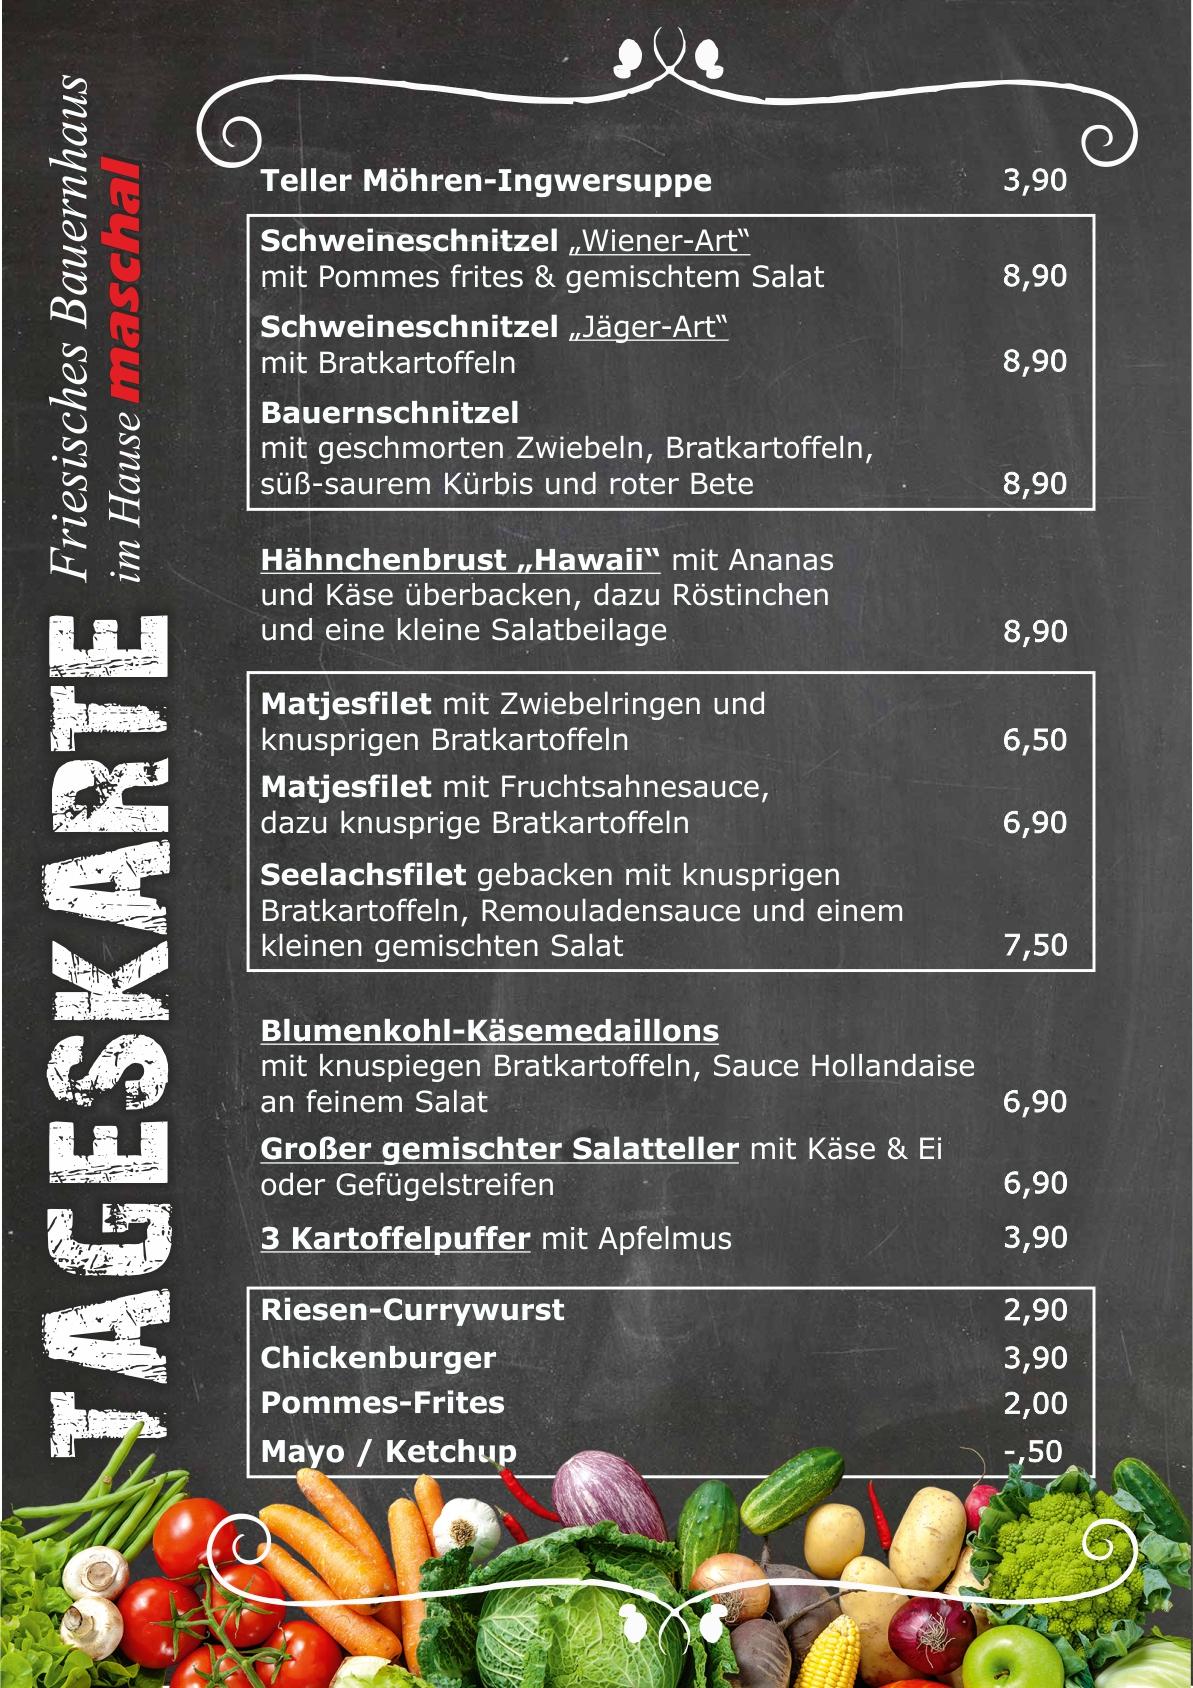 Tageskarte_friesisches_Bauernhaus_im_Hause_maschal_Varel_Wilhelmshaven-Oldenburg